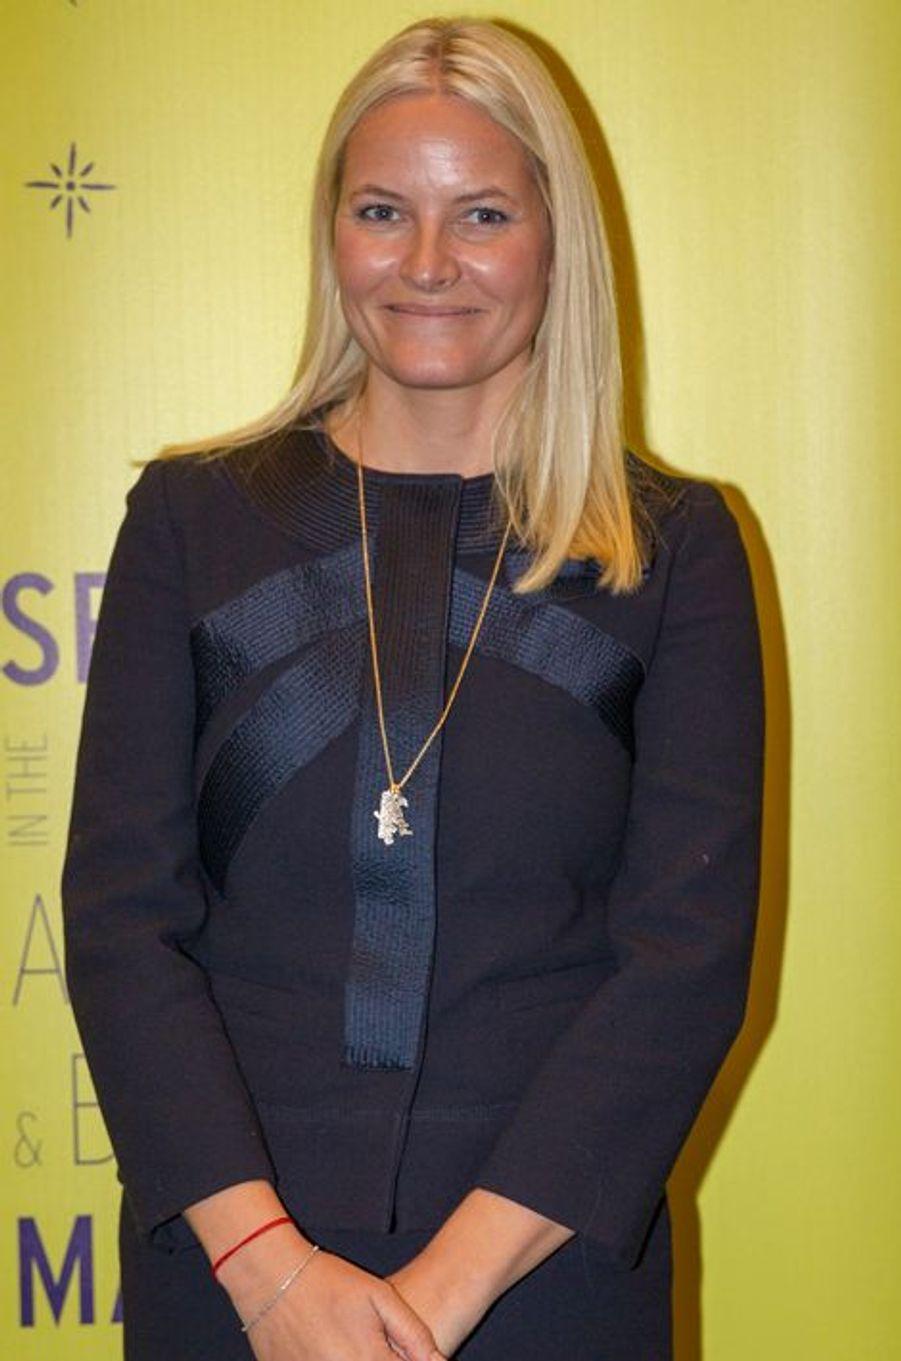 La princesse Mette-Marit de Norvège à Oslo, le 3 novembre 2015